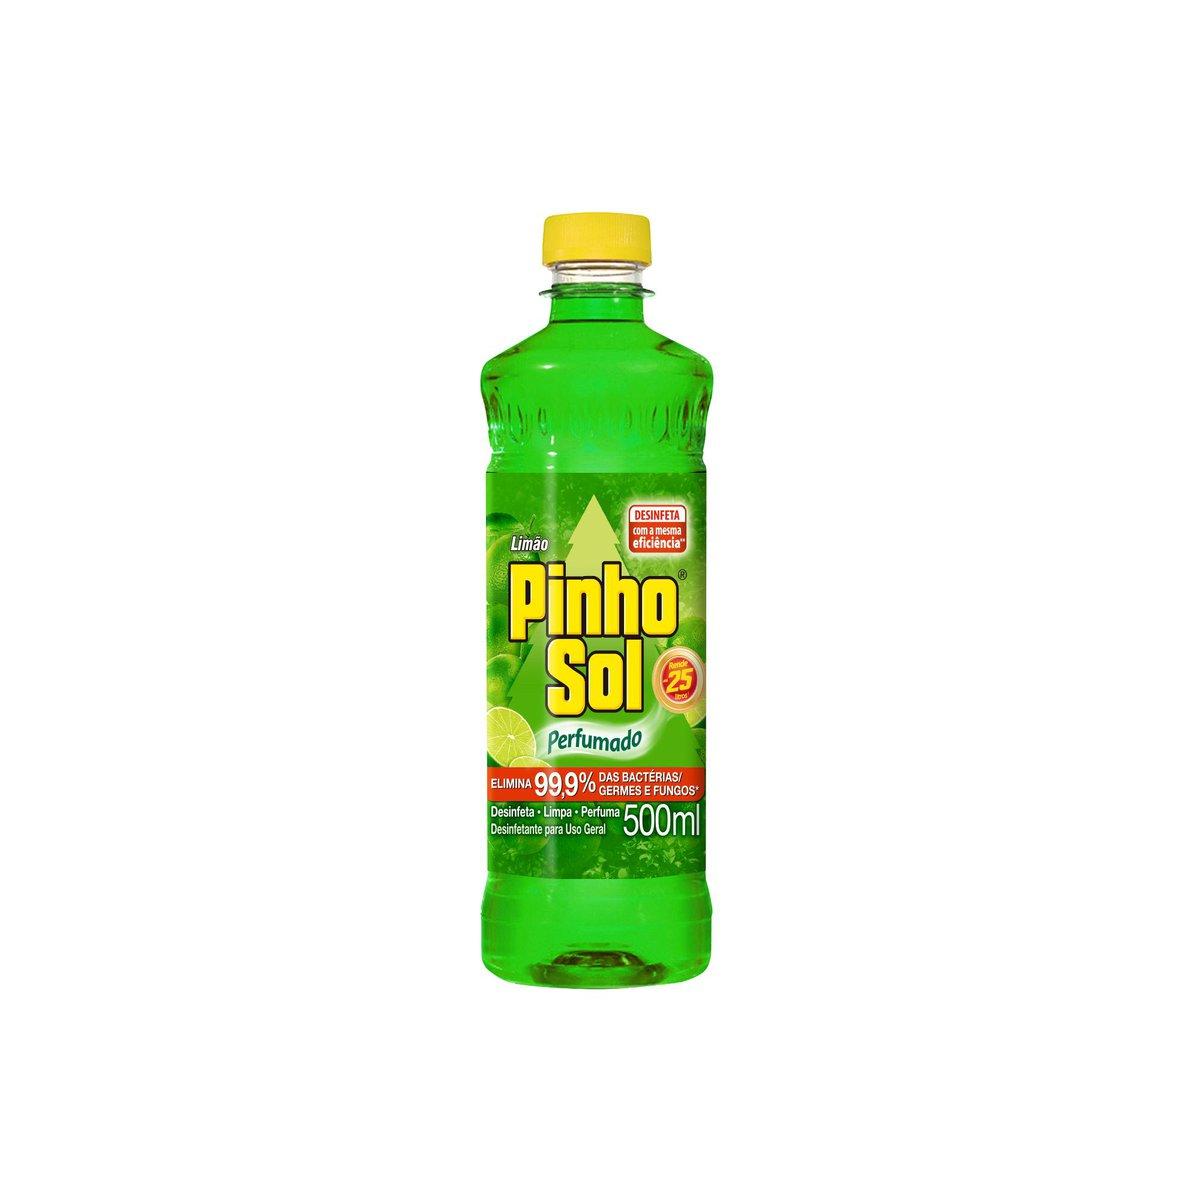 DESINF PINHO SOL CITR LIMAO 1X500ML(12)